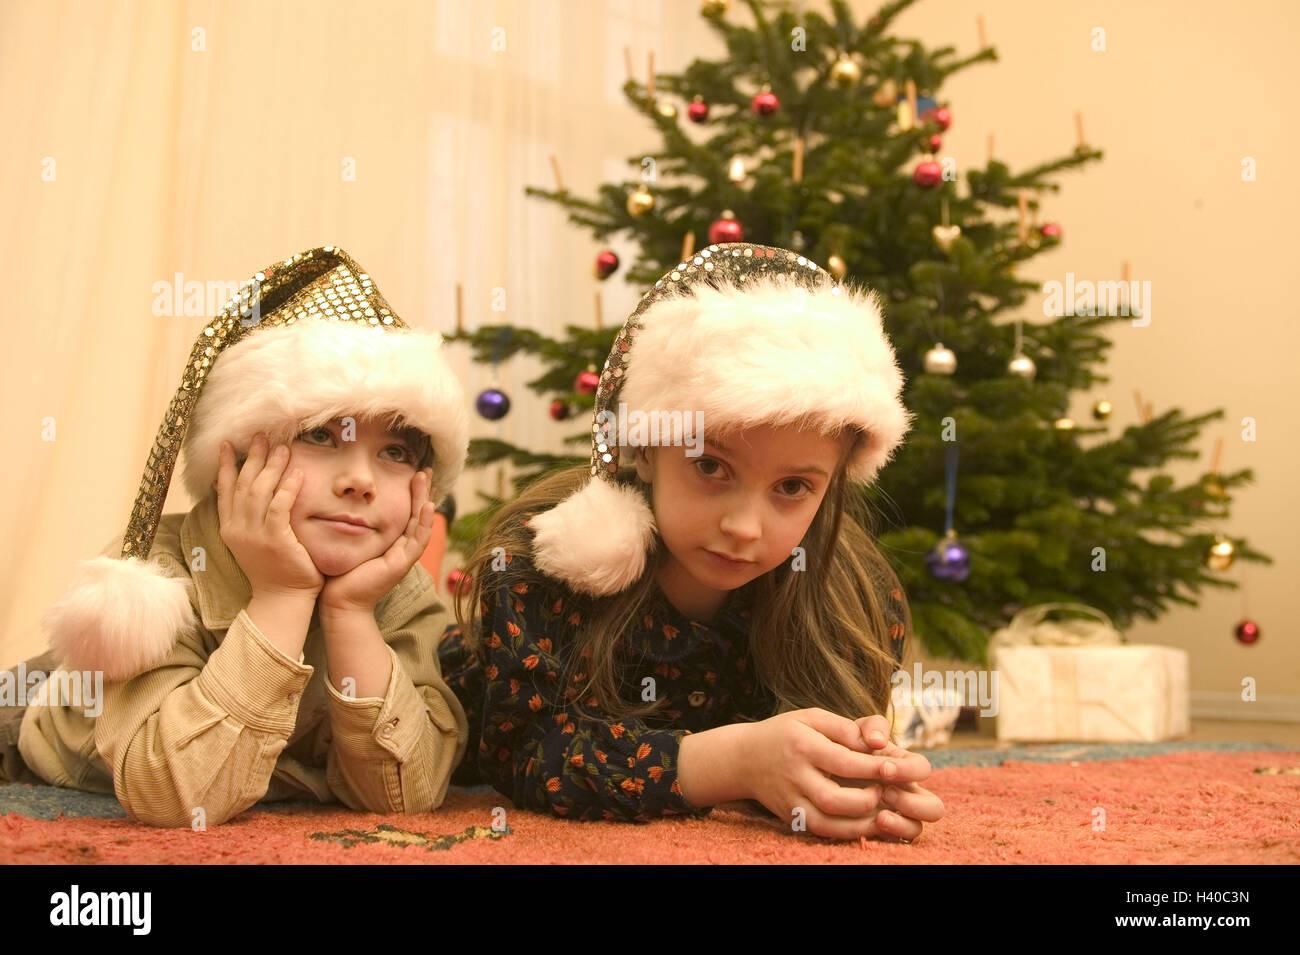 Weihnachten, sitzen Zimmer, Weihnachtsbaum, Geschenke, Kinder ...